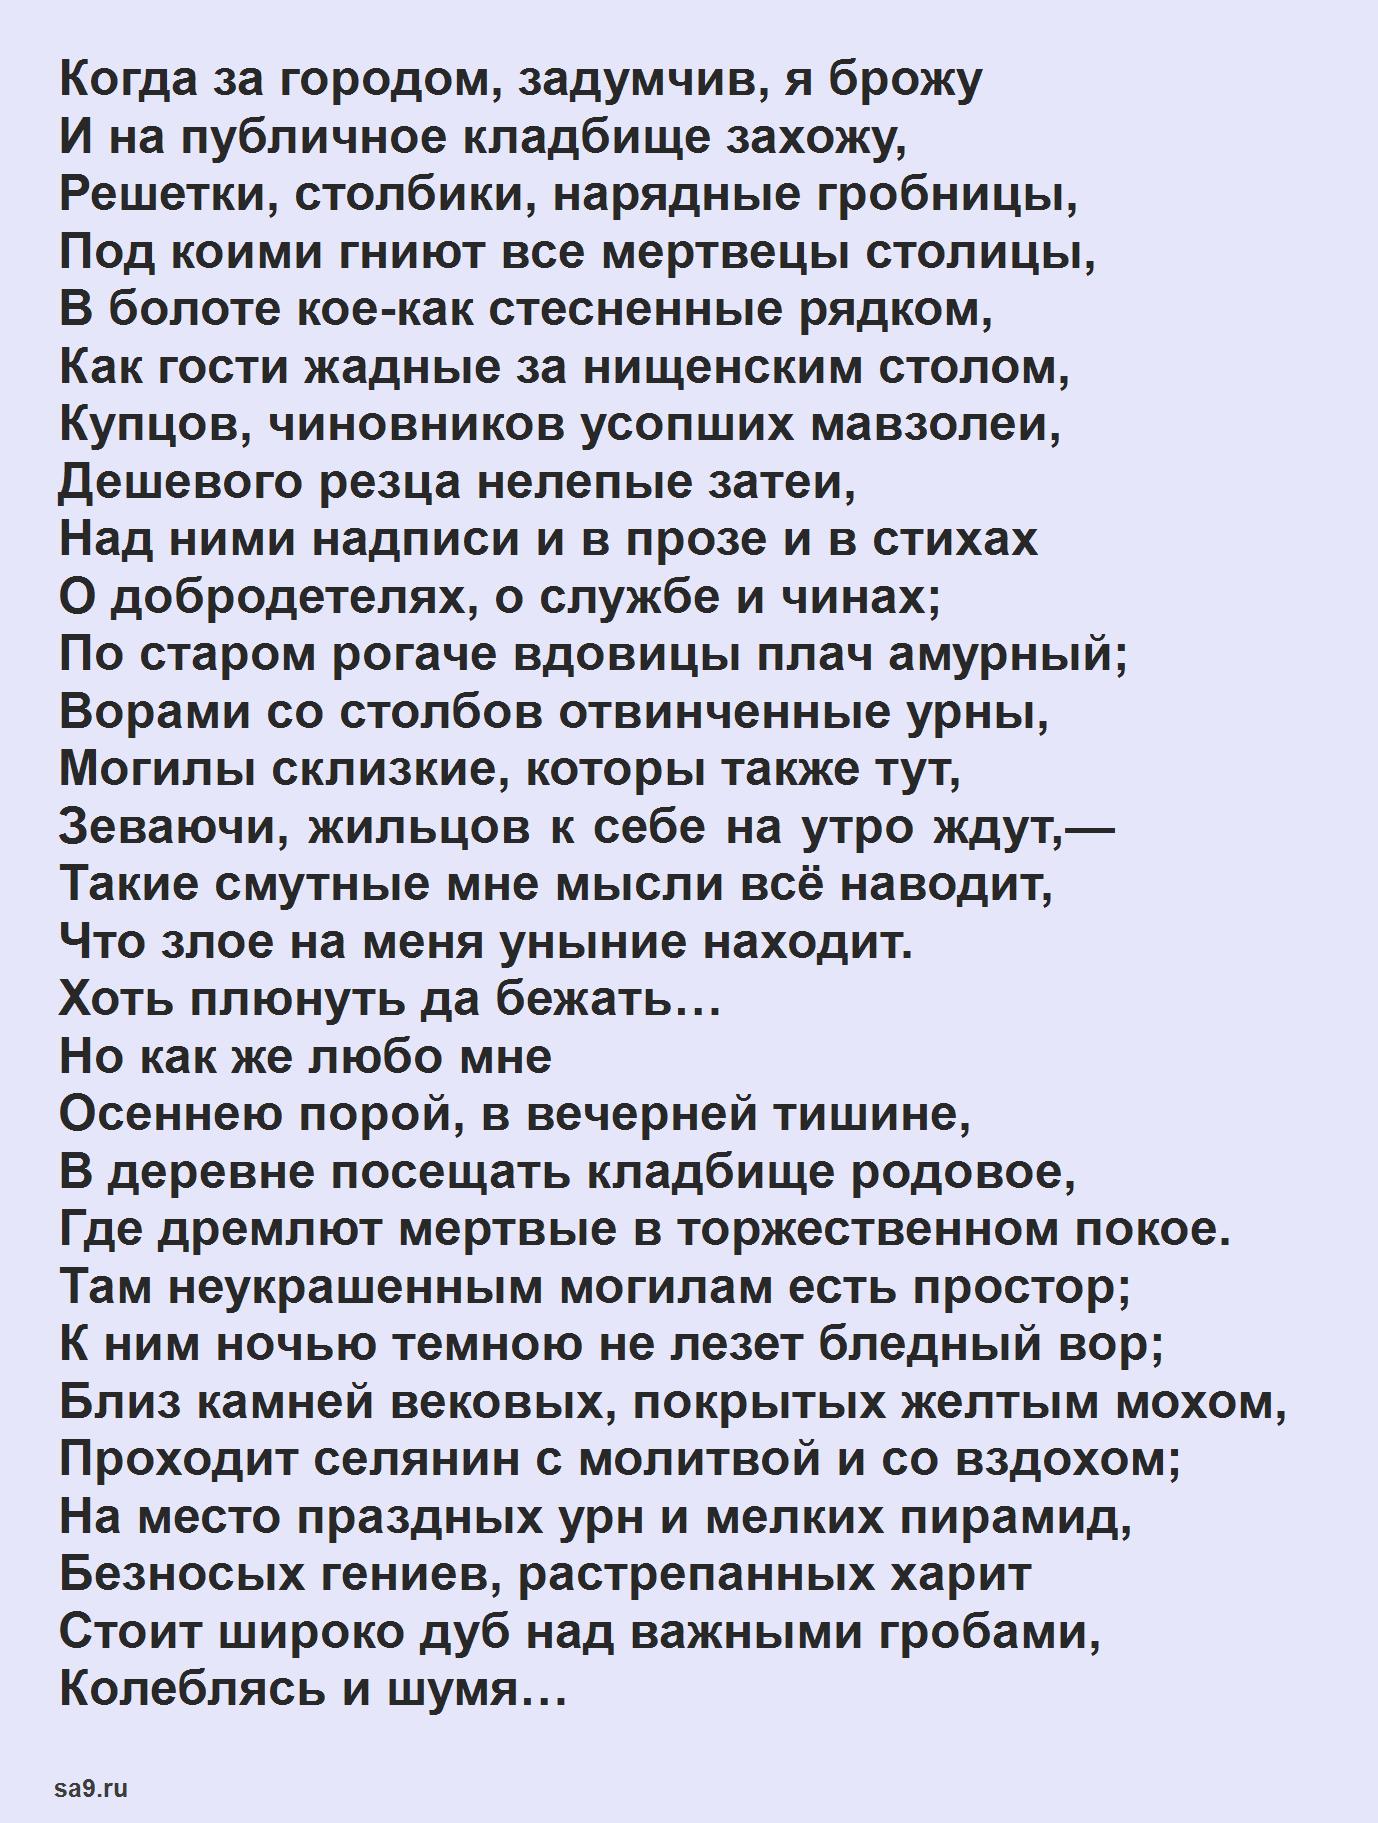 Читать стихи Пушкина о Родине - Когда за городом, задумчив, я брожу